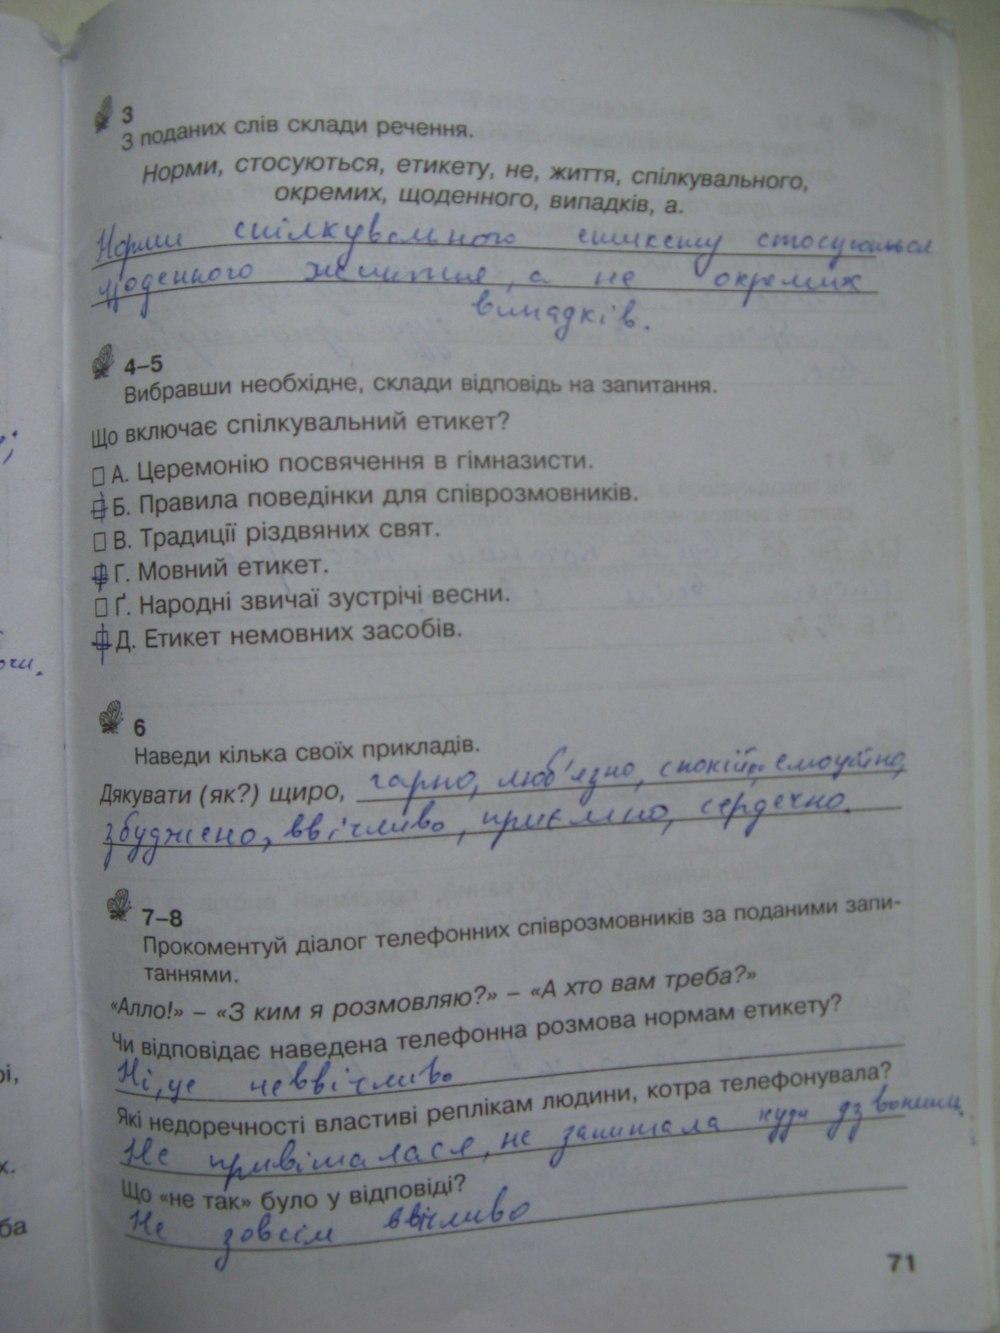 Зошит 5 гдз відповіді клас етика